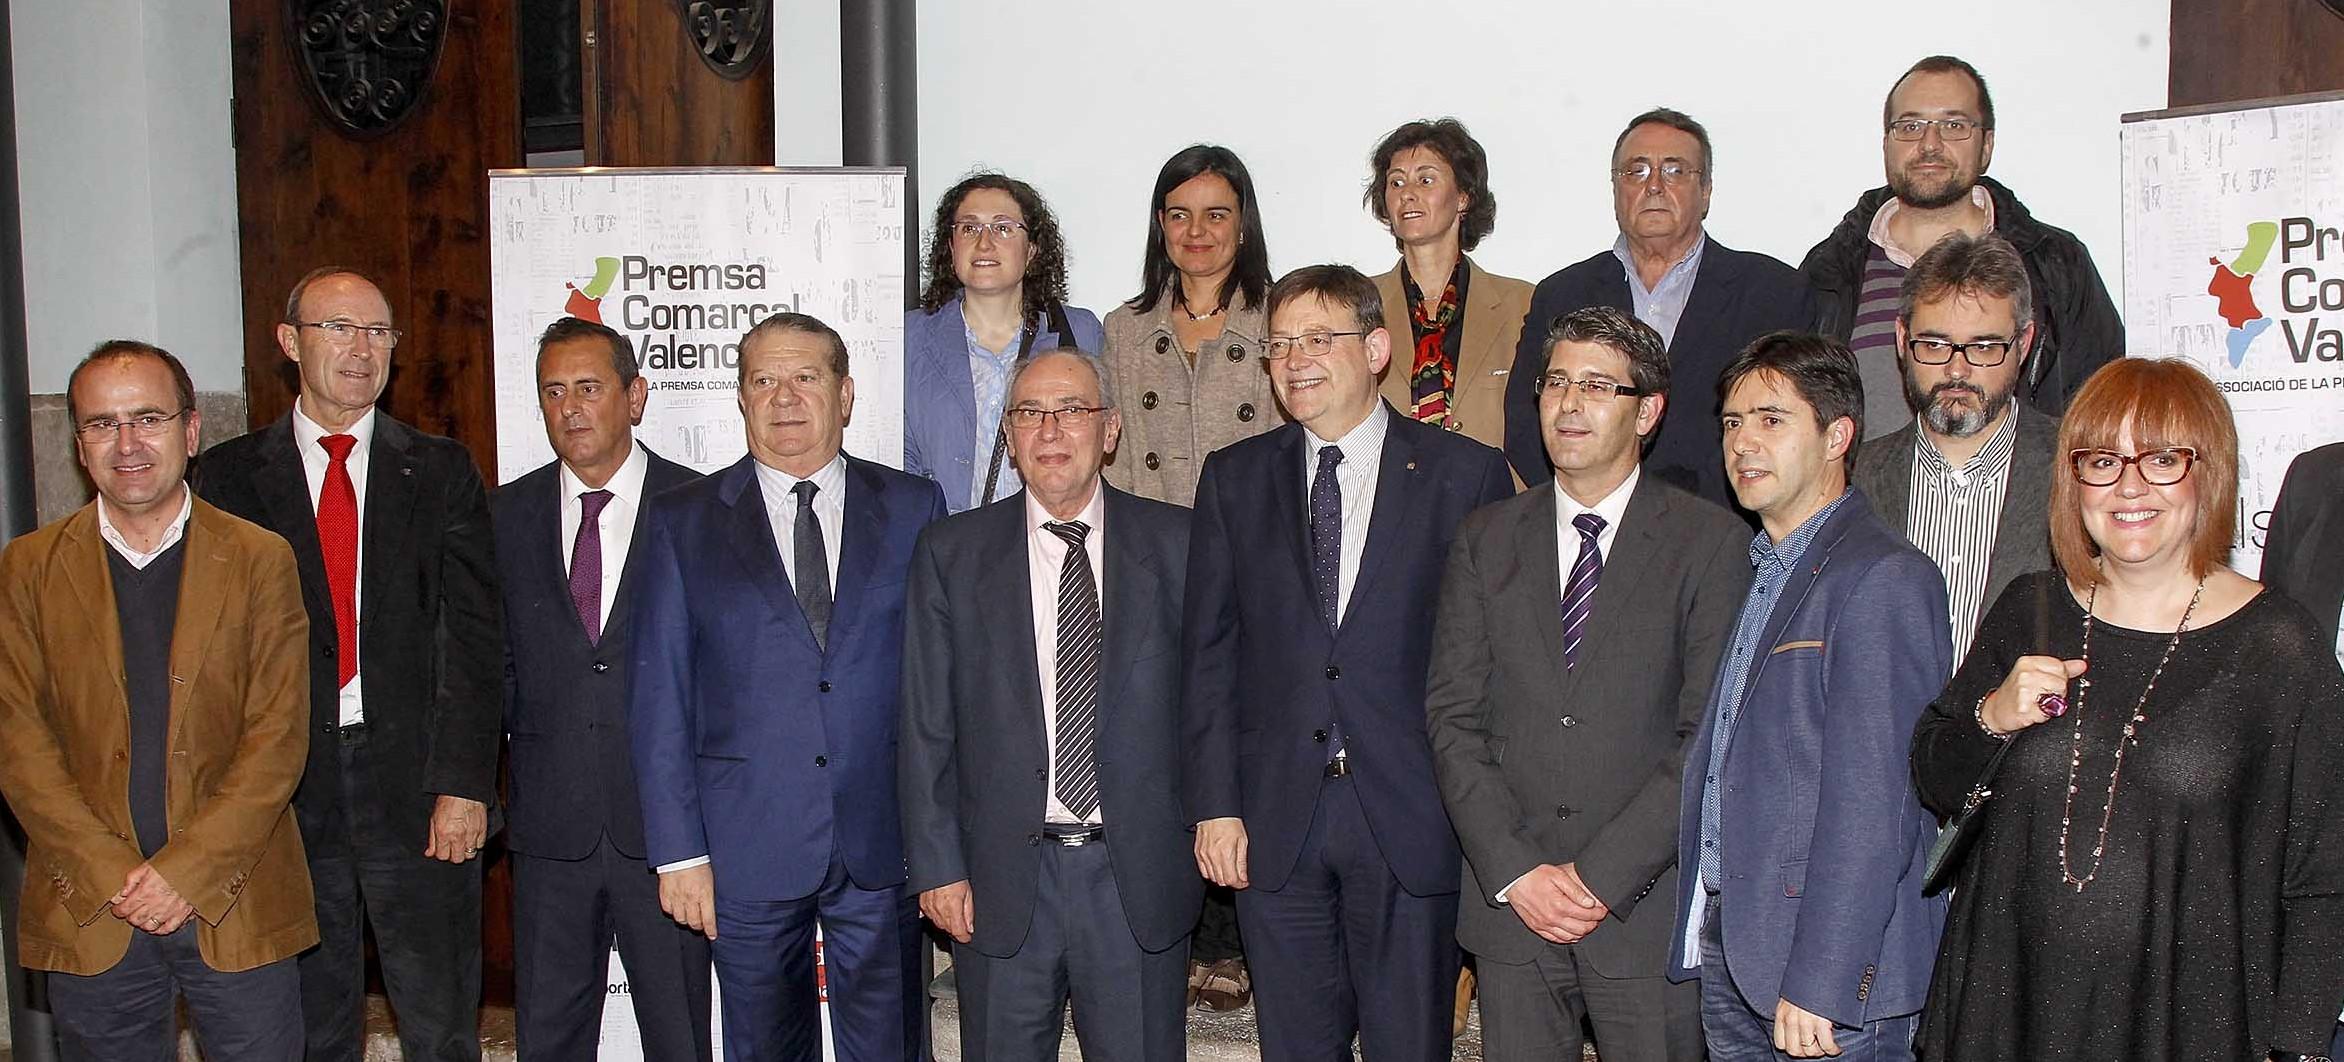 El President de la Generalitat y el de la Diputación posaron junto a los editores y directores de las diferentes cabeceras comarcales.